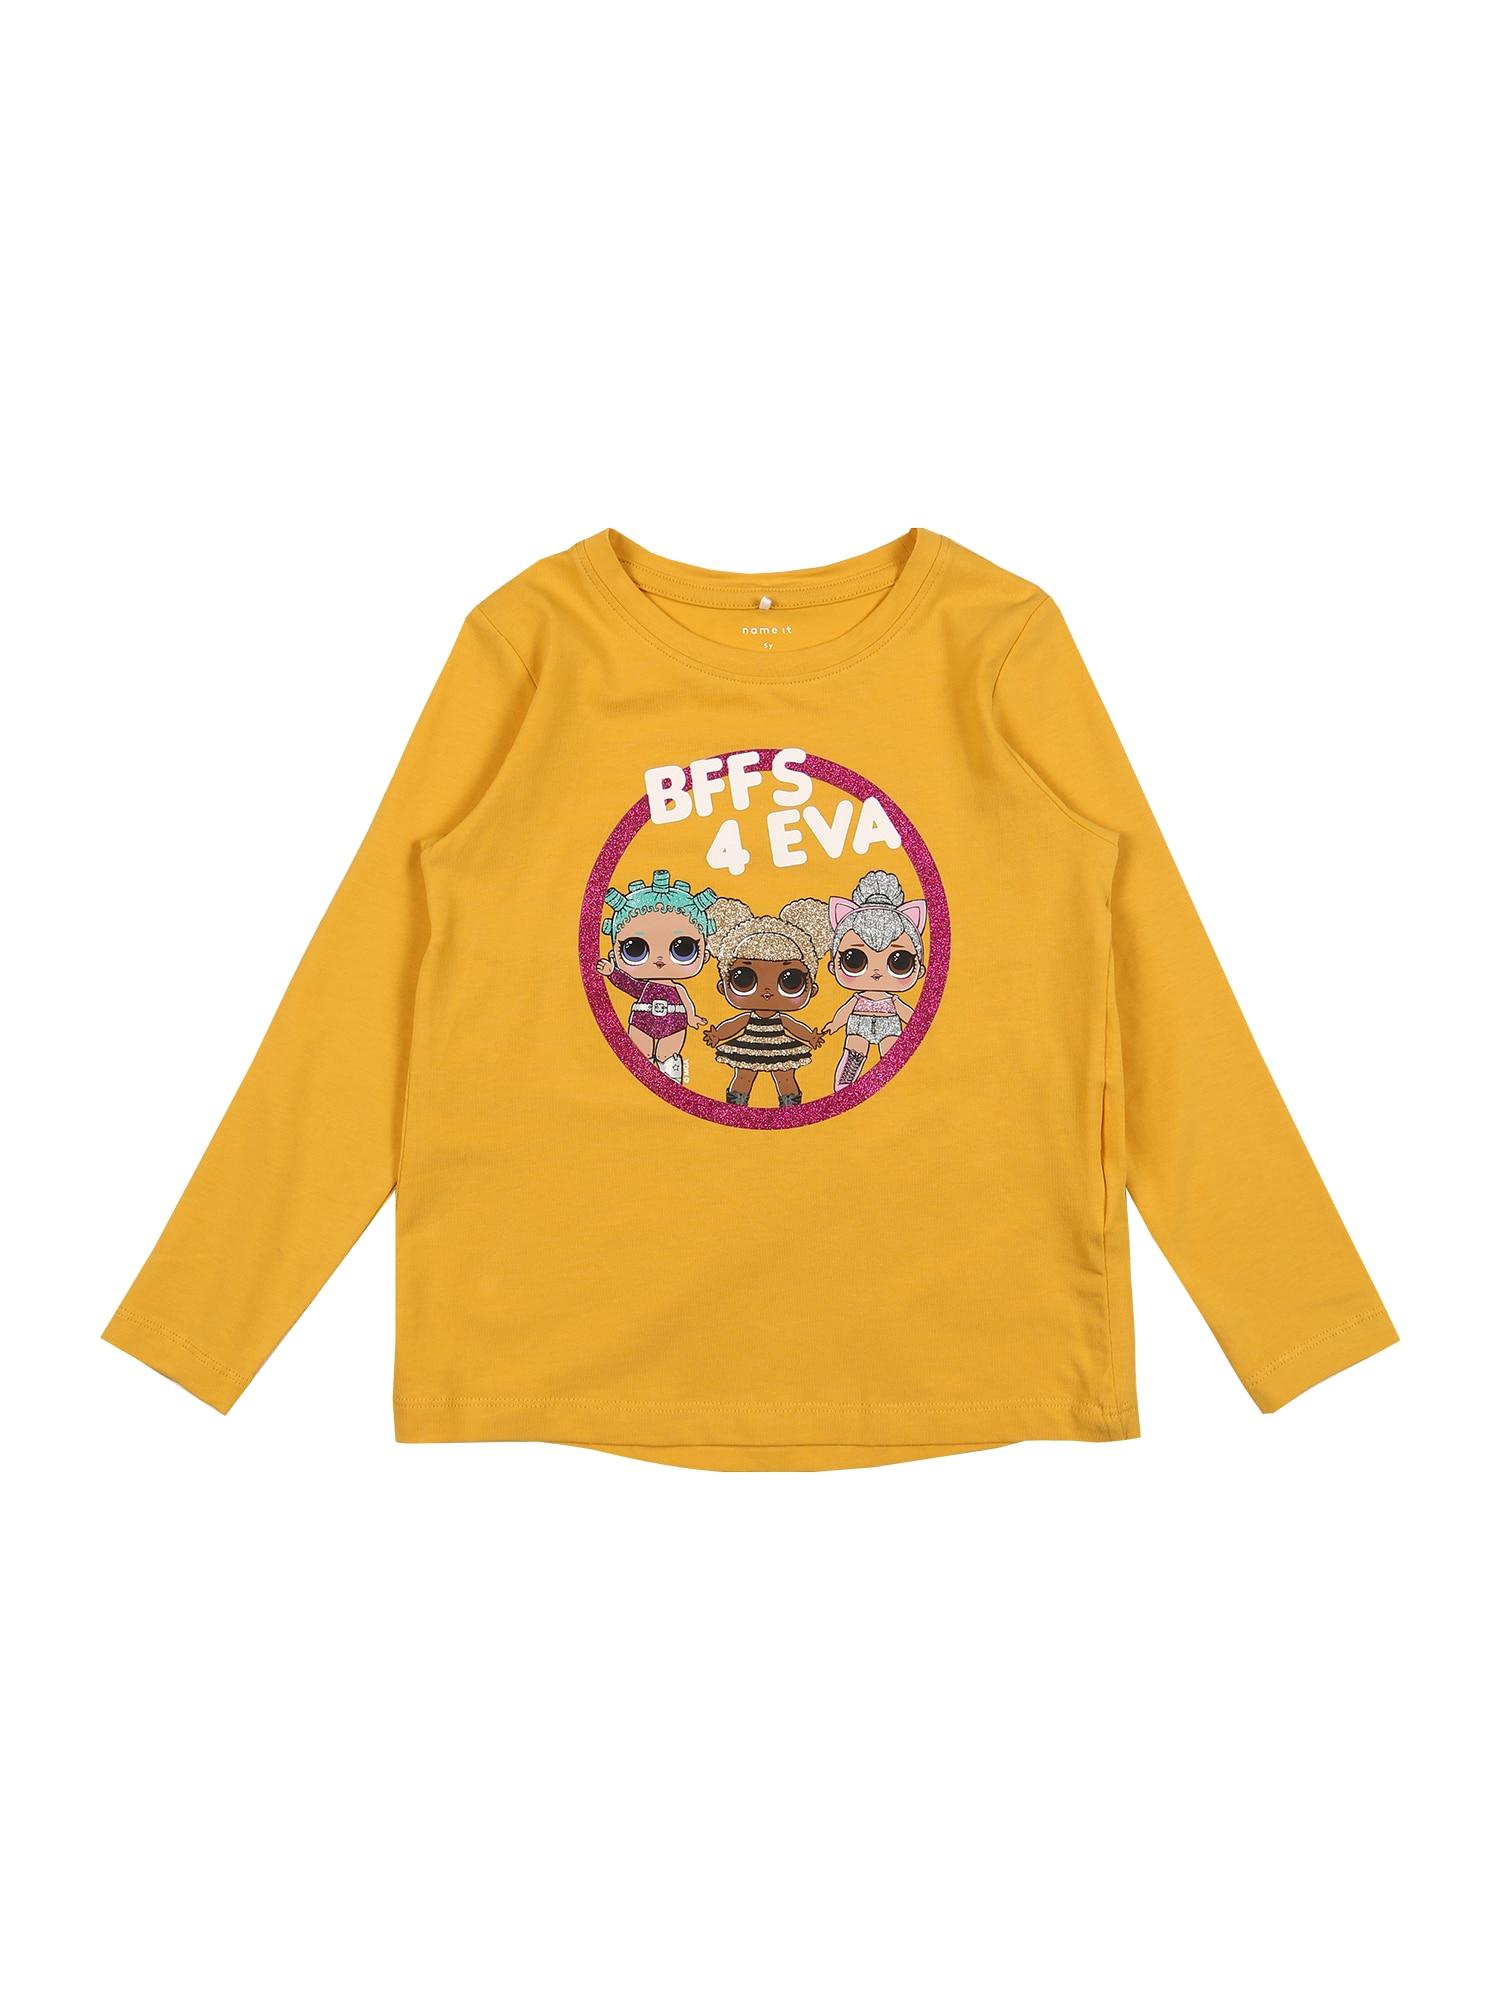 NAME IT Marškinėliai 'Flol' garstyčių spalva / mišrios spalvos